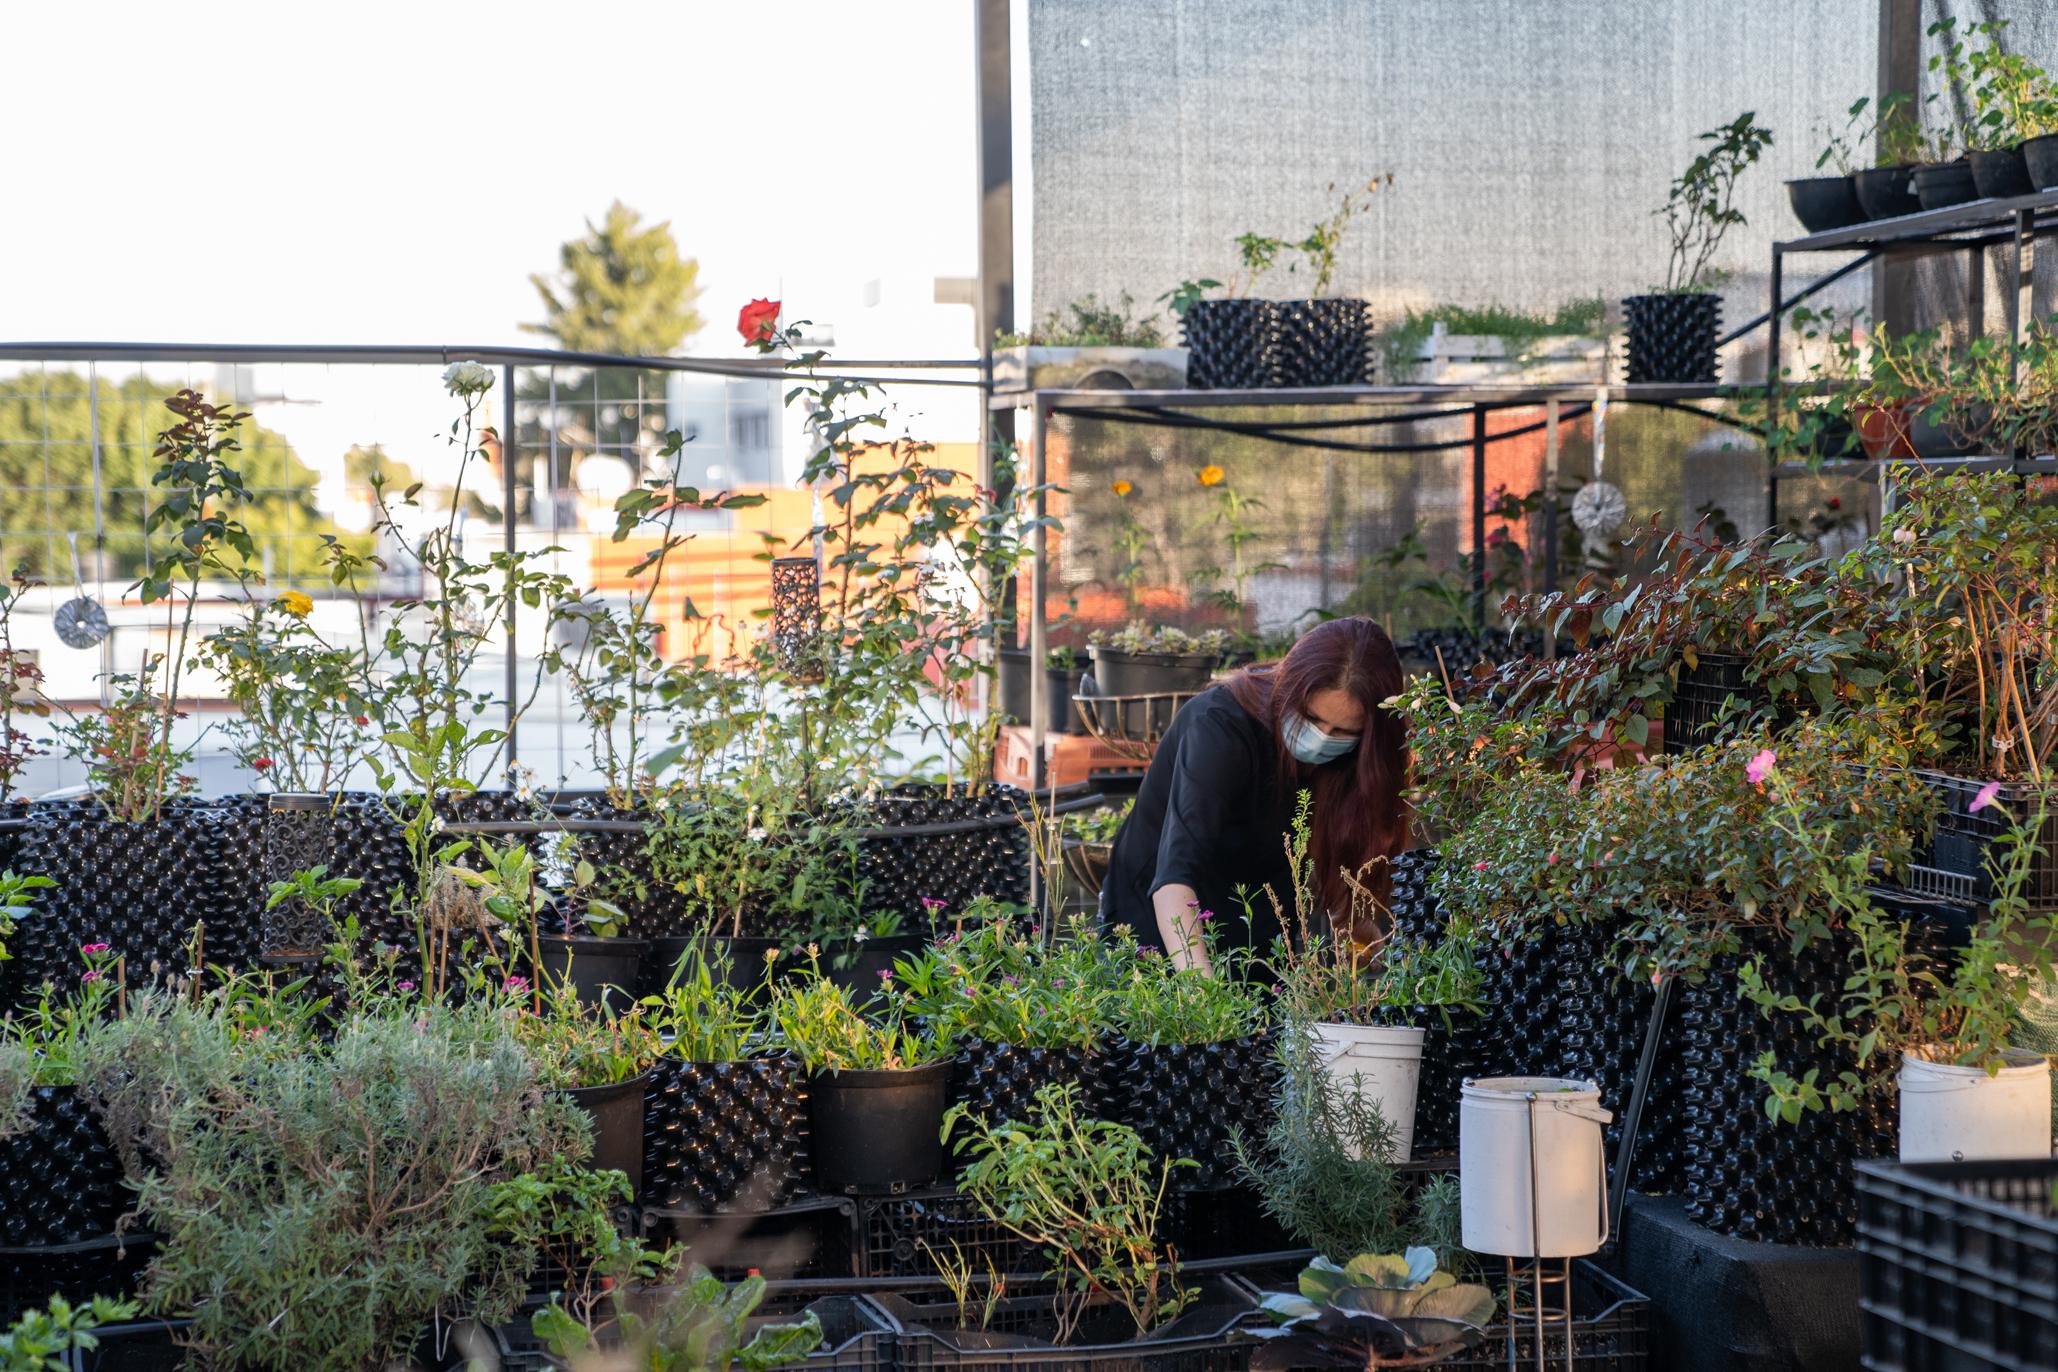 Mujer revisando unas plantas en una azotea verde